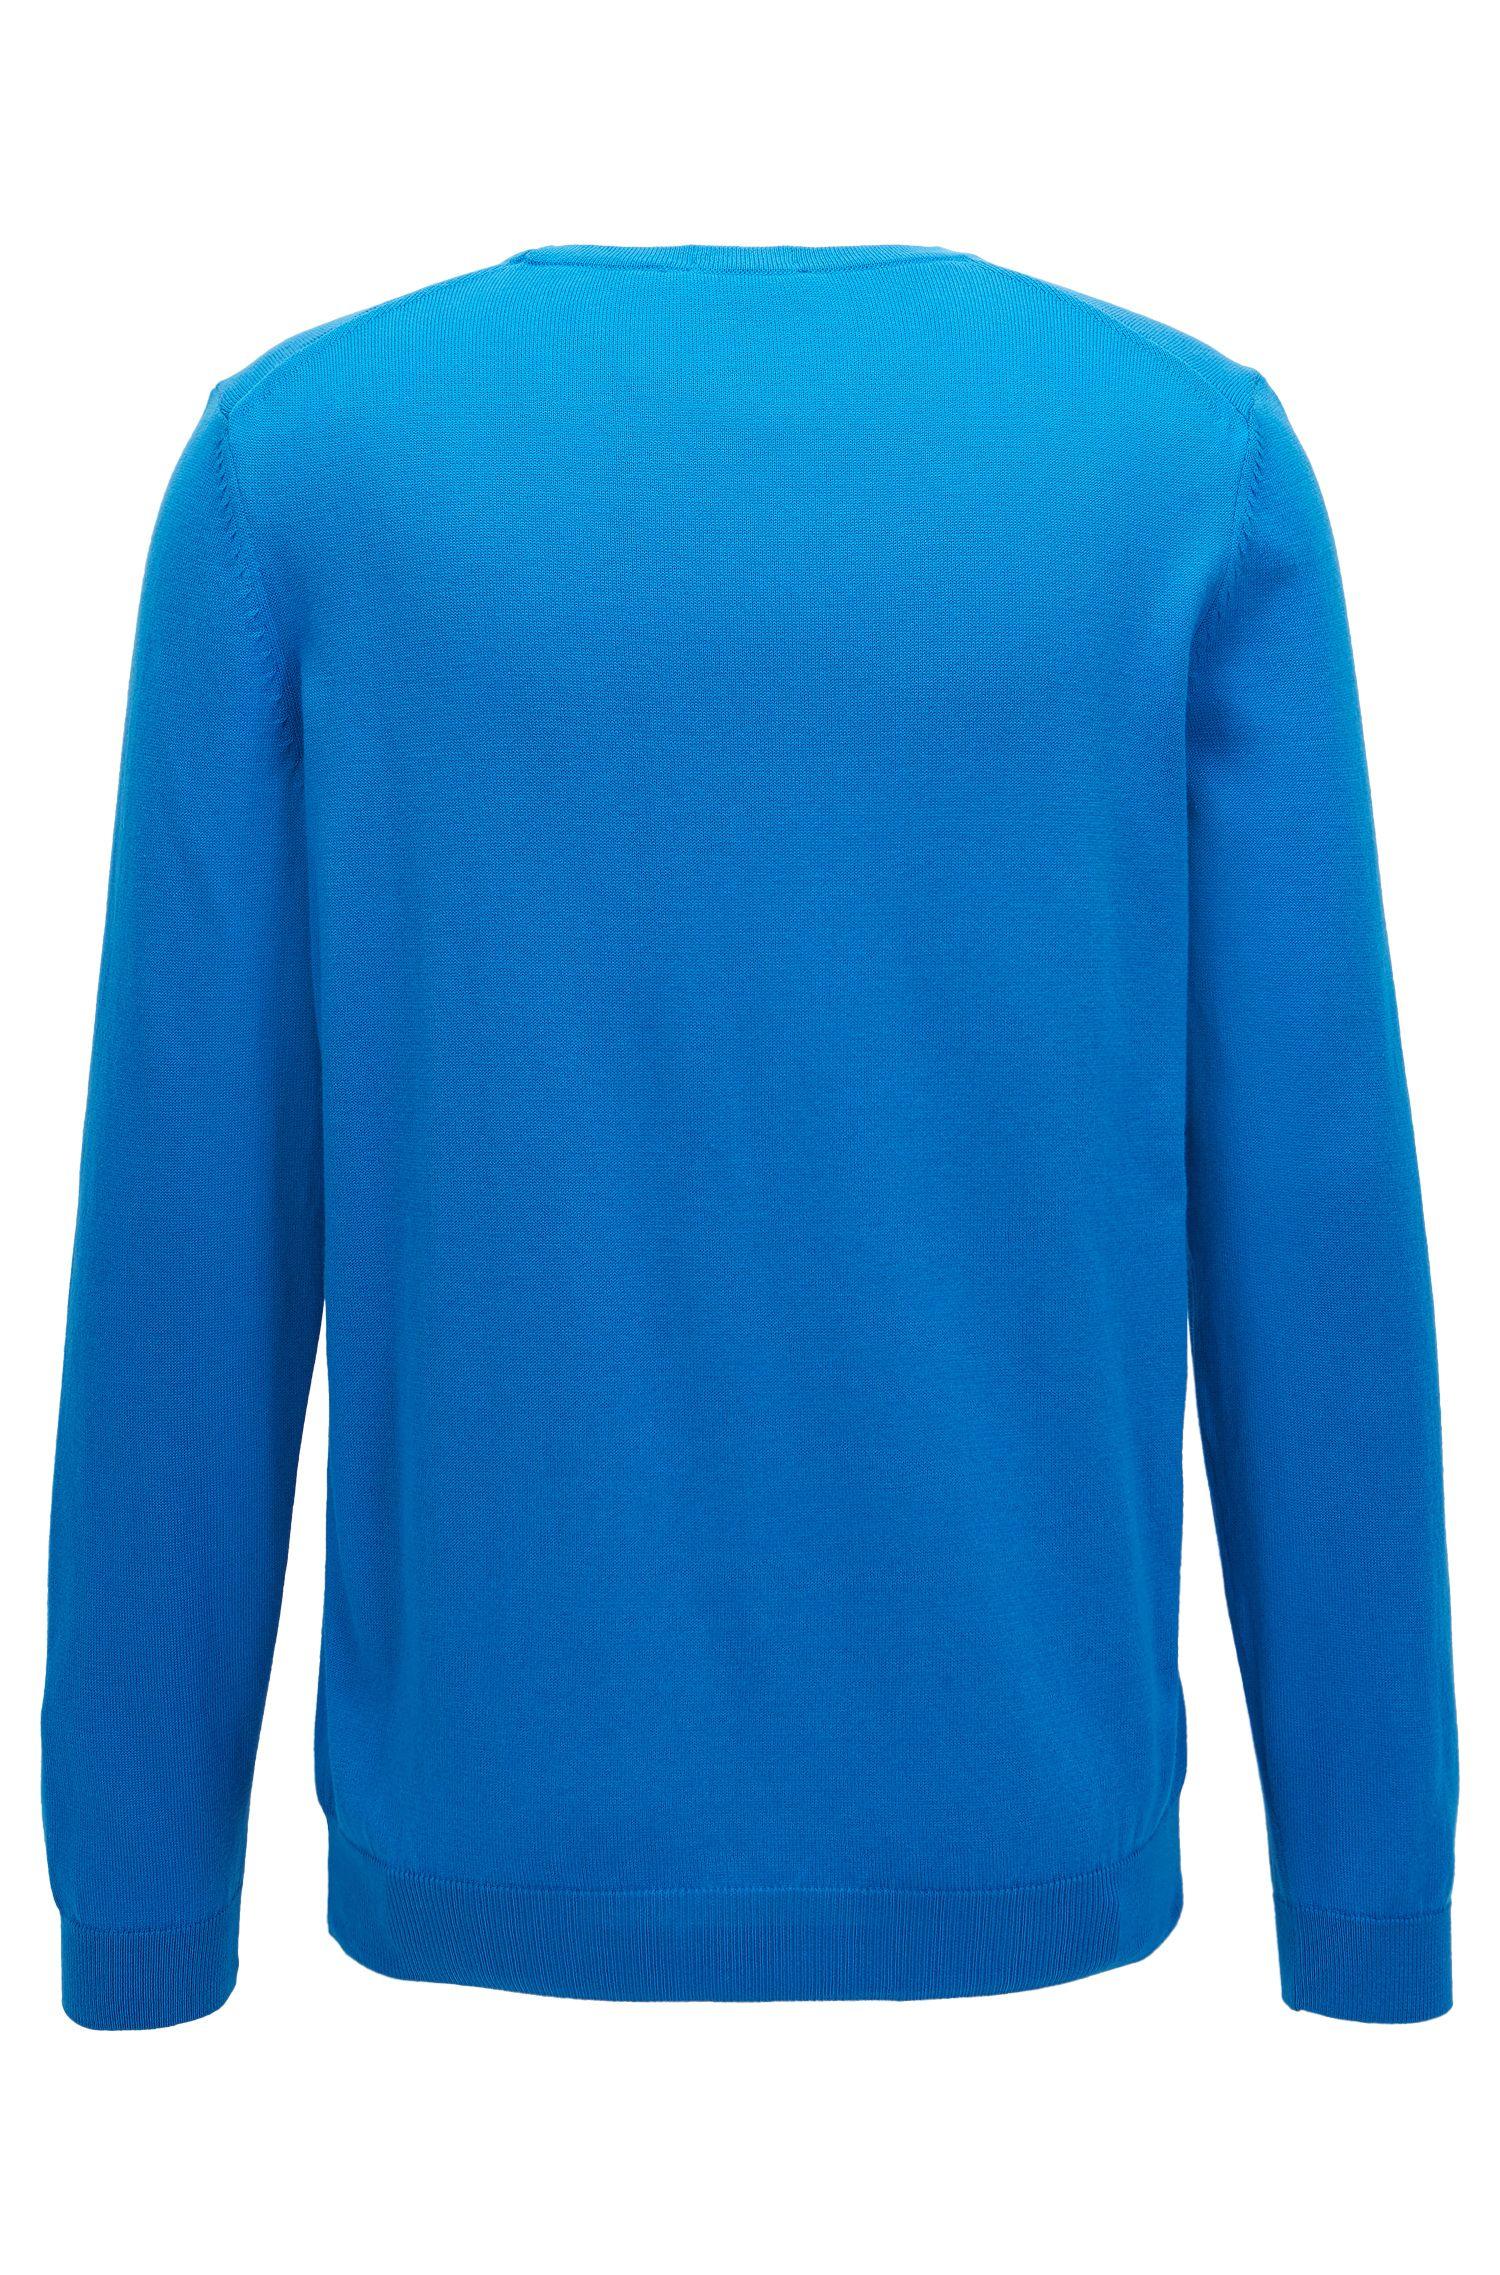 Pullover aus Baumwolle mit Rundhalsausschnitt und Logo-Stickerei, Blau